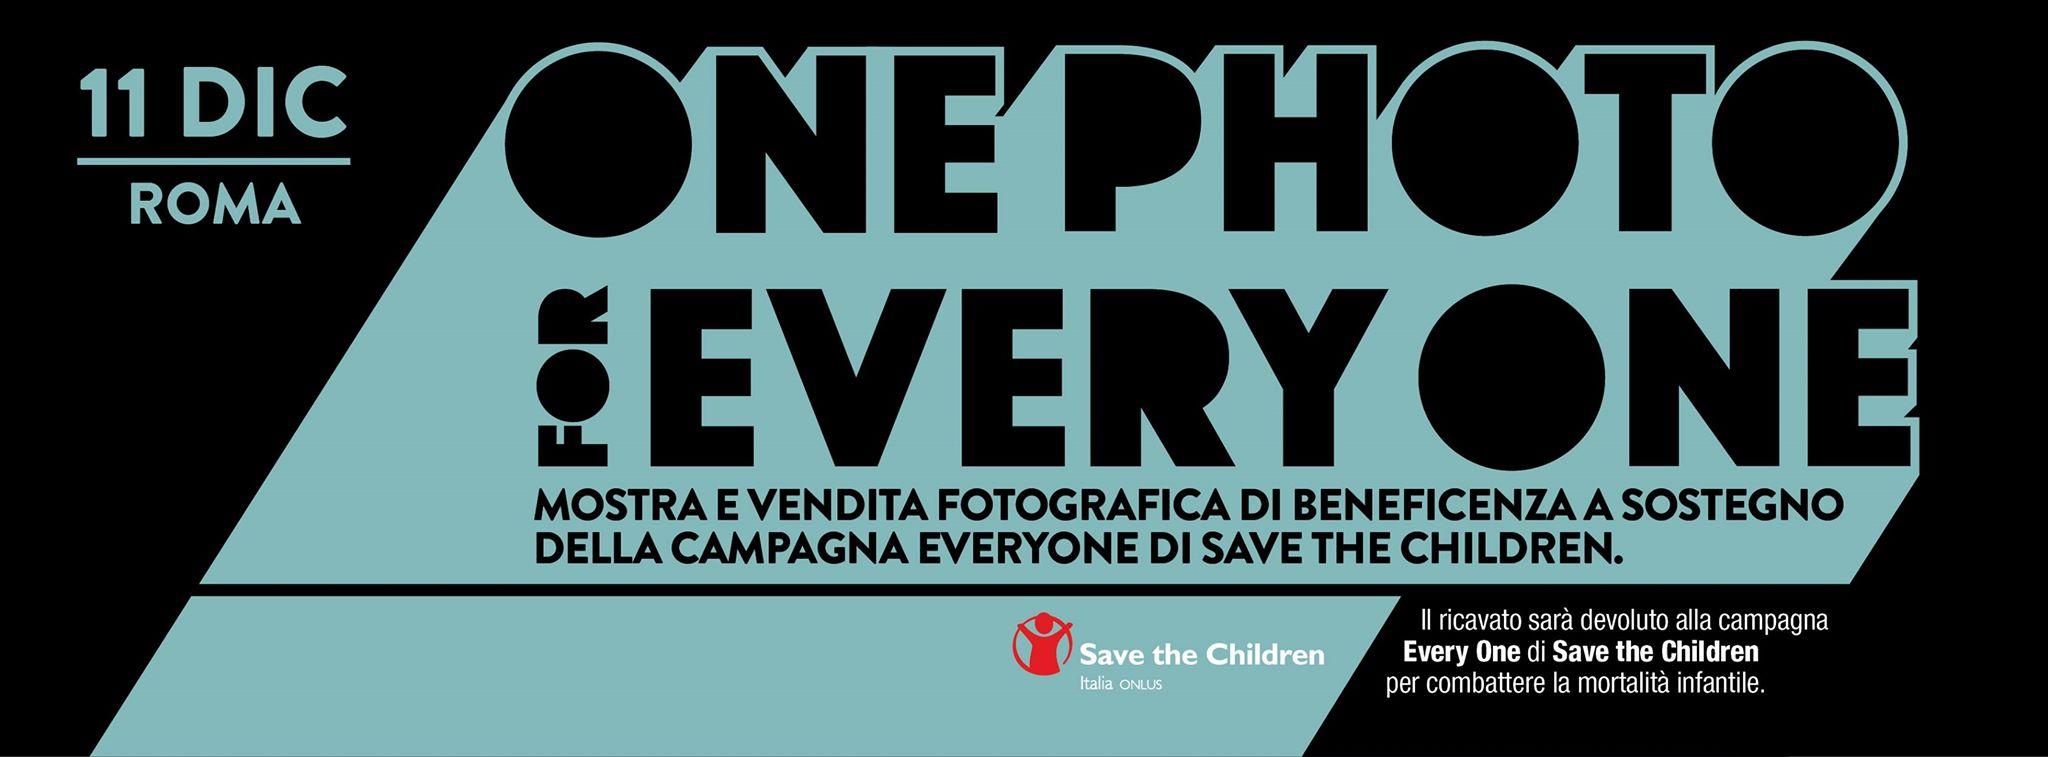 mostra fotografica e beneficenza